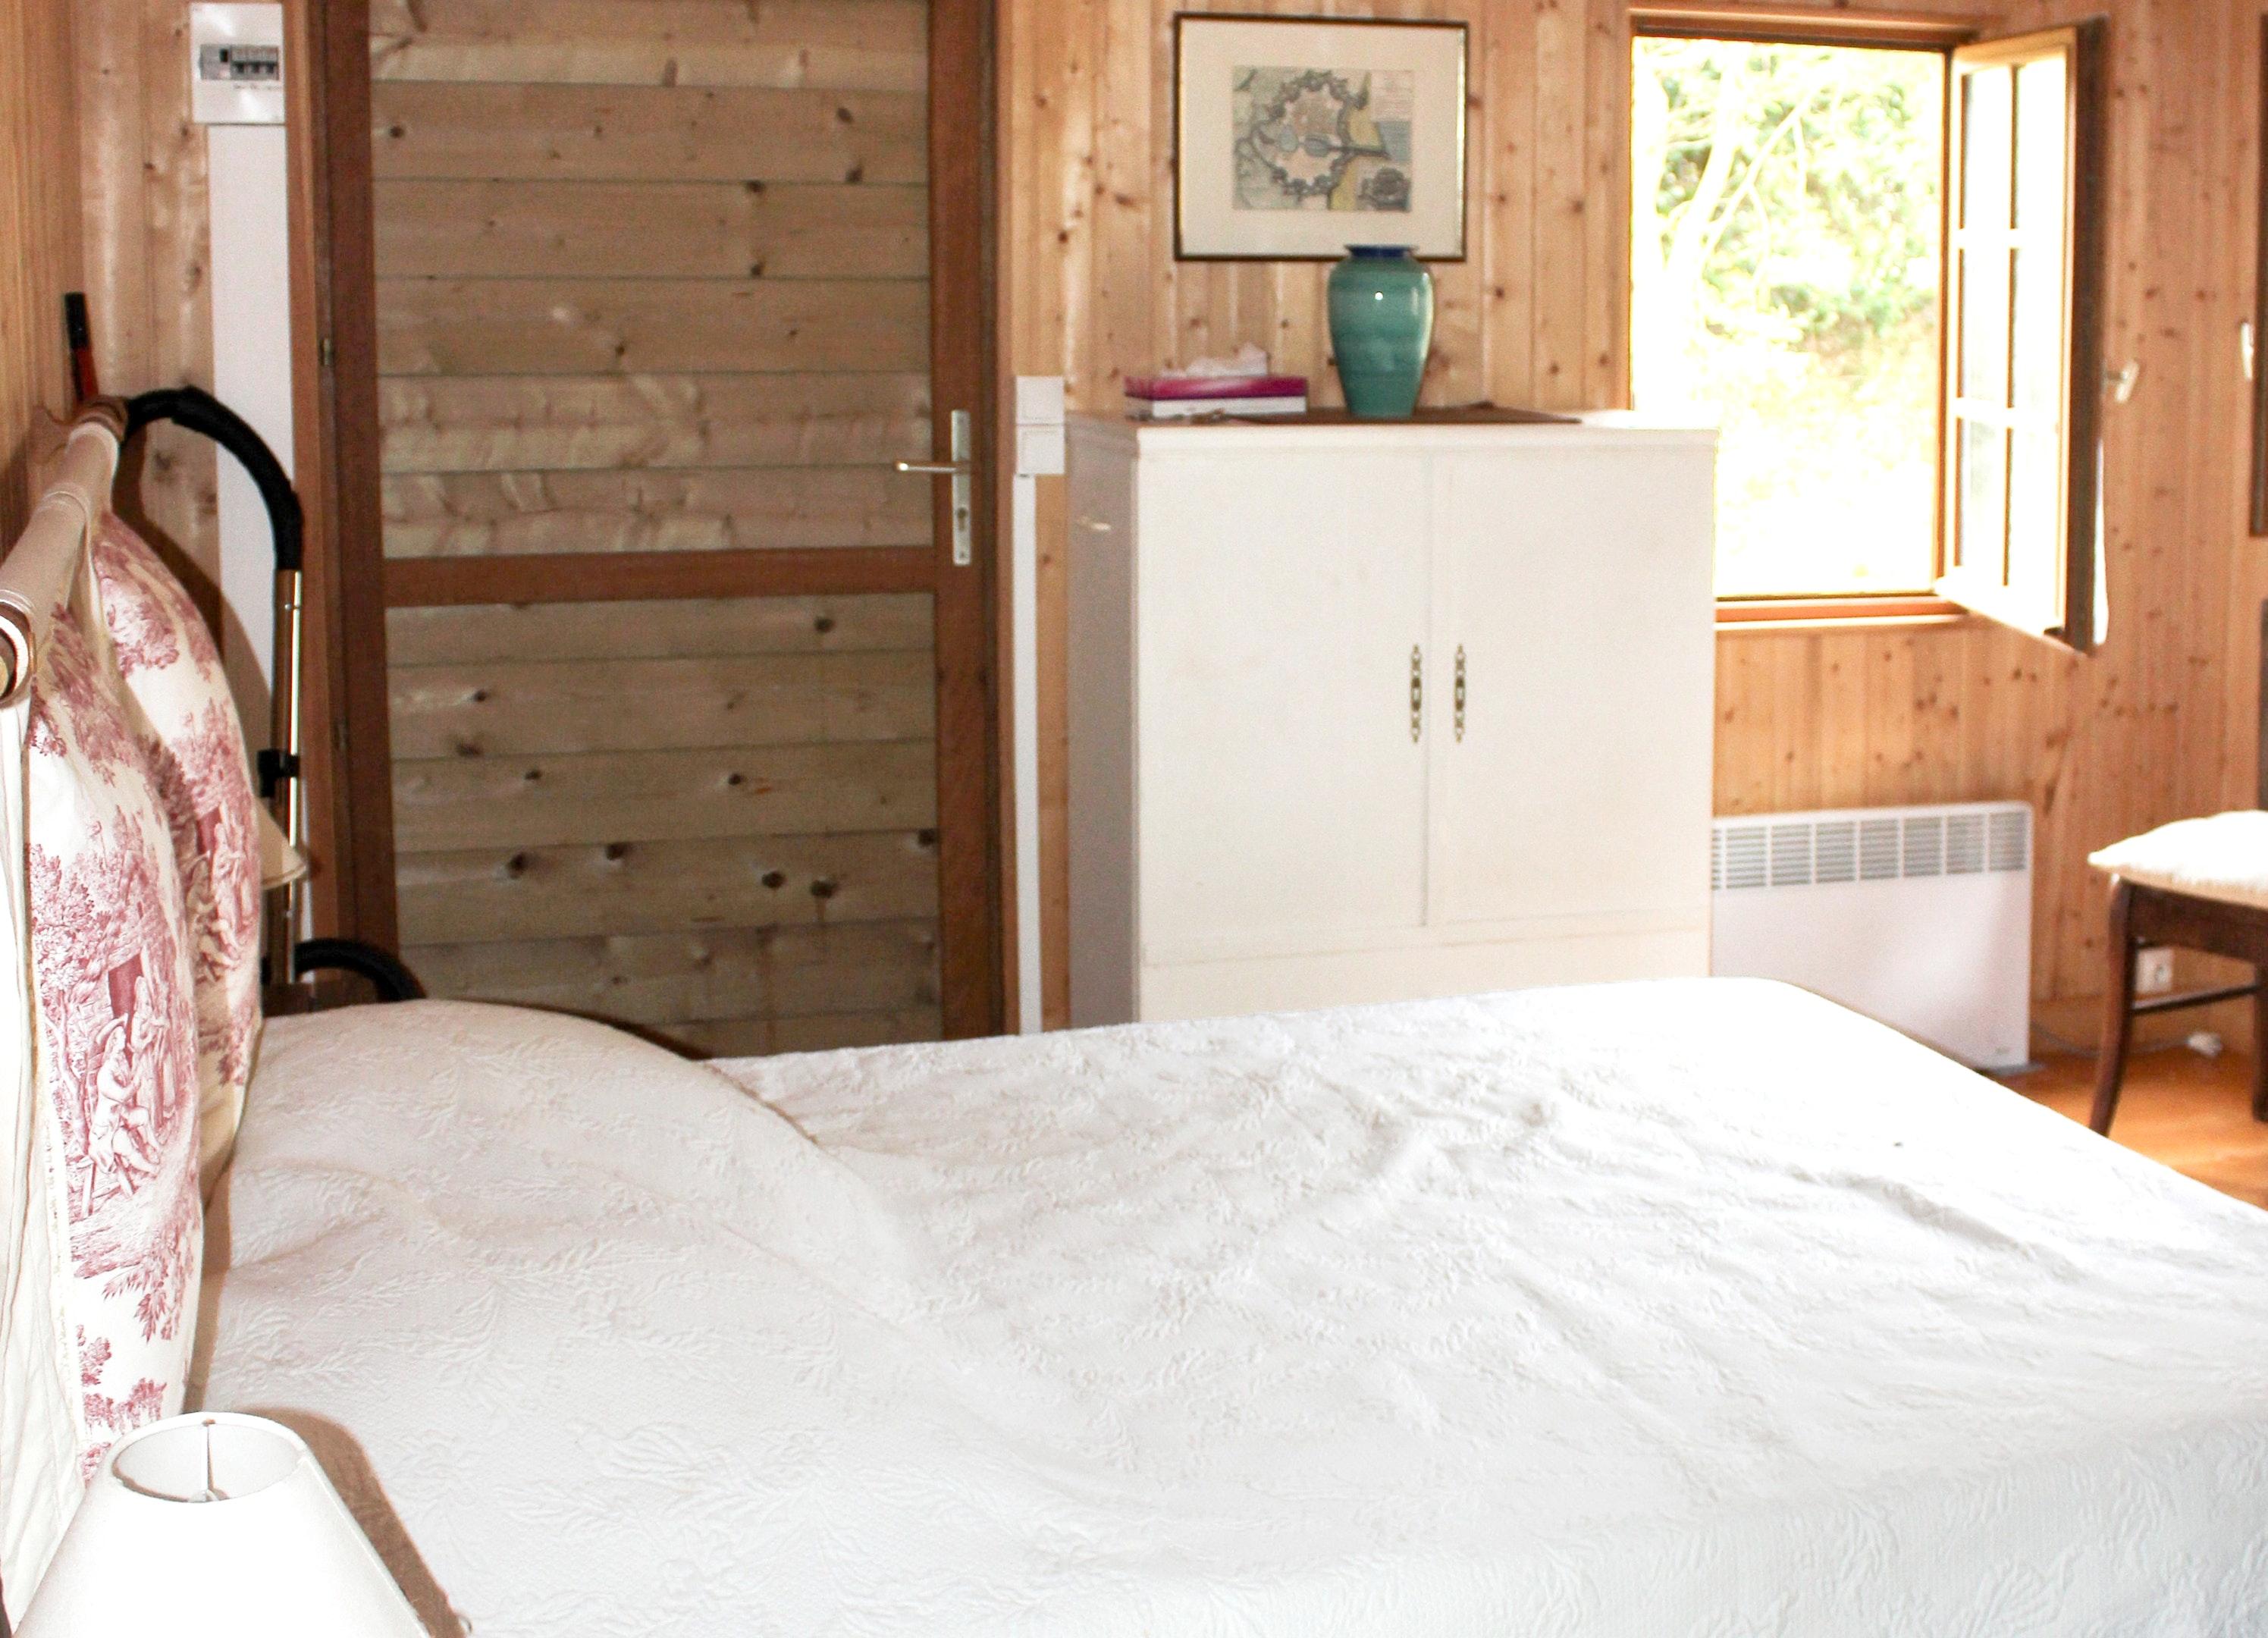 Ferienhaus Villa mit 5 Schlafzimmern in La Croix-Valmer mit privatem Pool, eingezäuntem Garten und W- (2201685), La Croix Valmer, Côte d'Azur, Provence - Alpen - Côte d'Azur, Frankreich, Bild 23